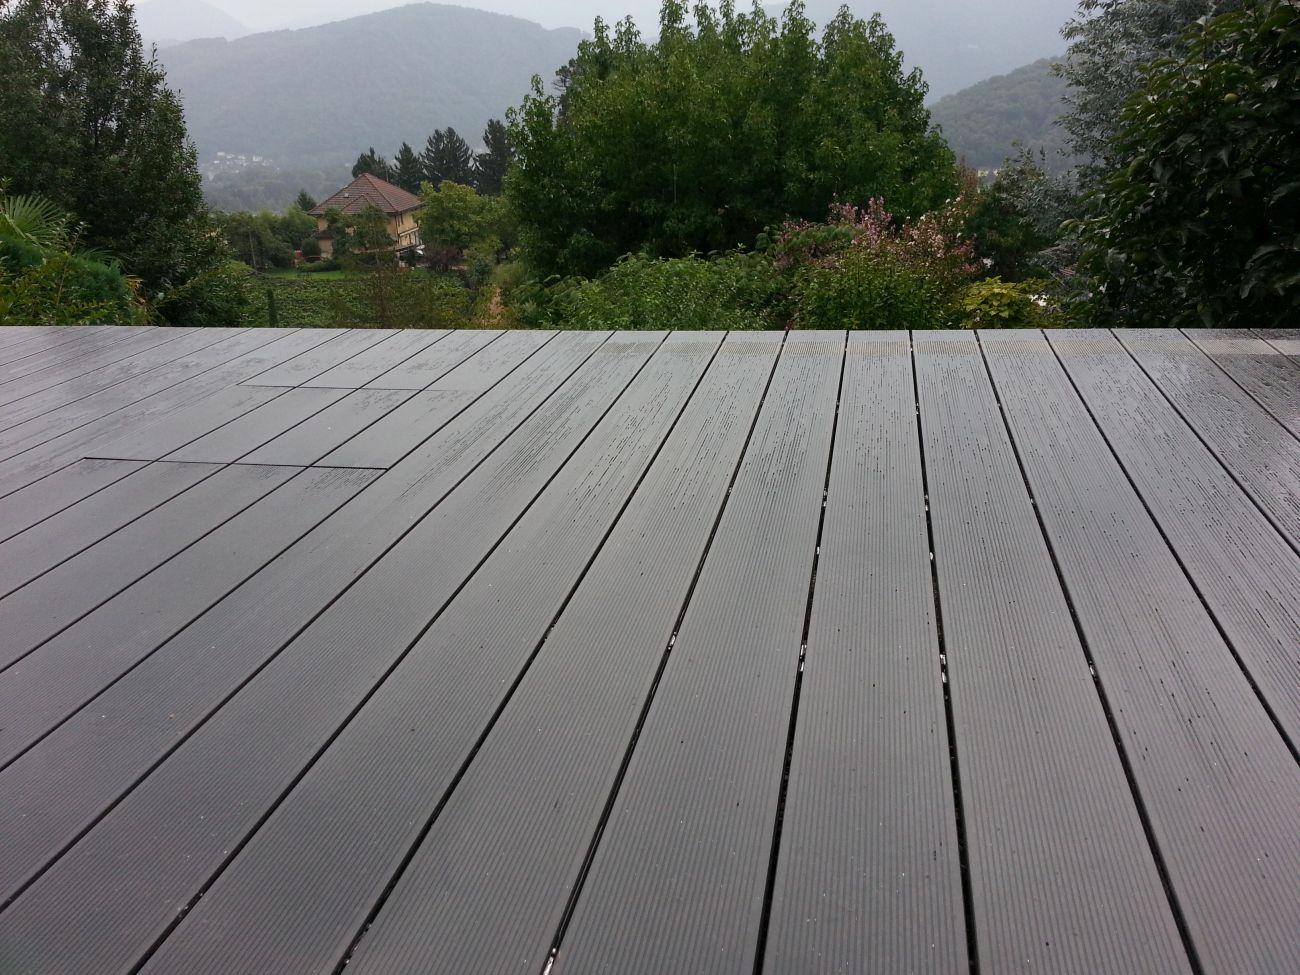 Parquet per terrazzi soriano pavimenti in legno for Pavimento legno esterno ikea